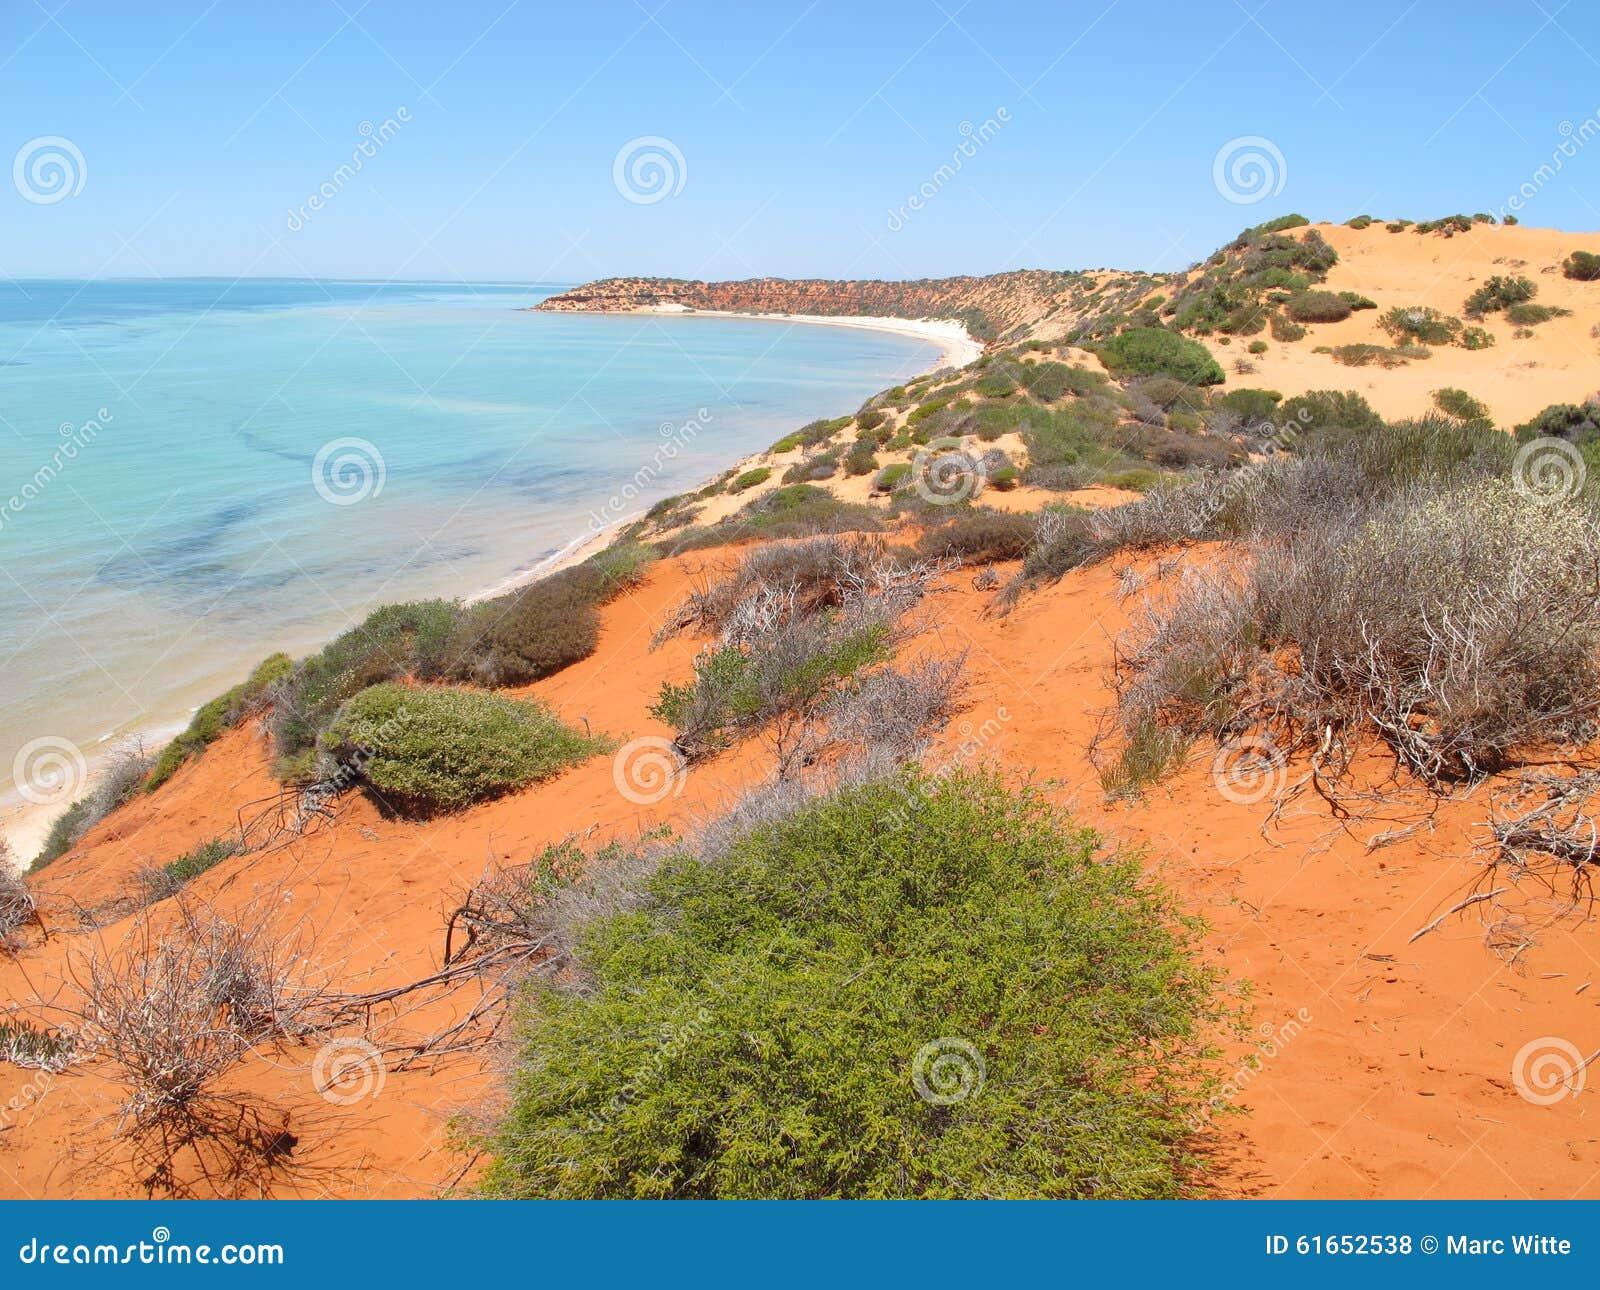 Francois Peron National Park, Haifisch-Bucht, West-Australien